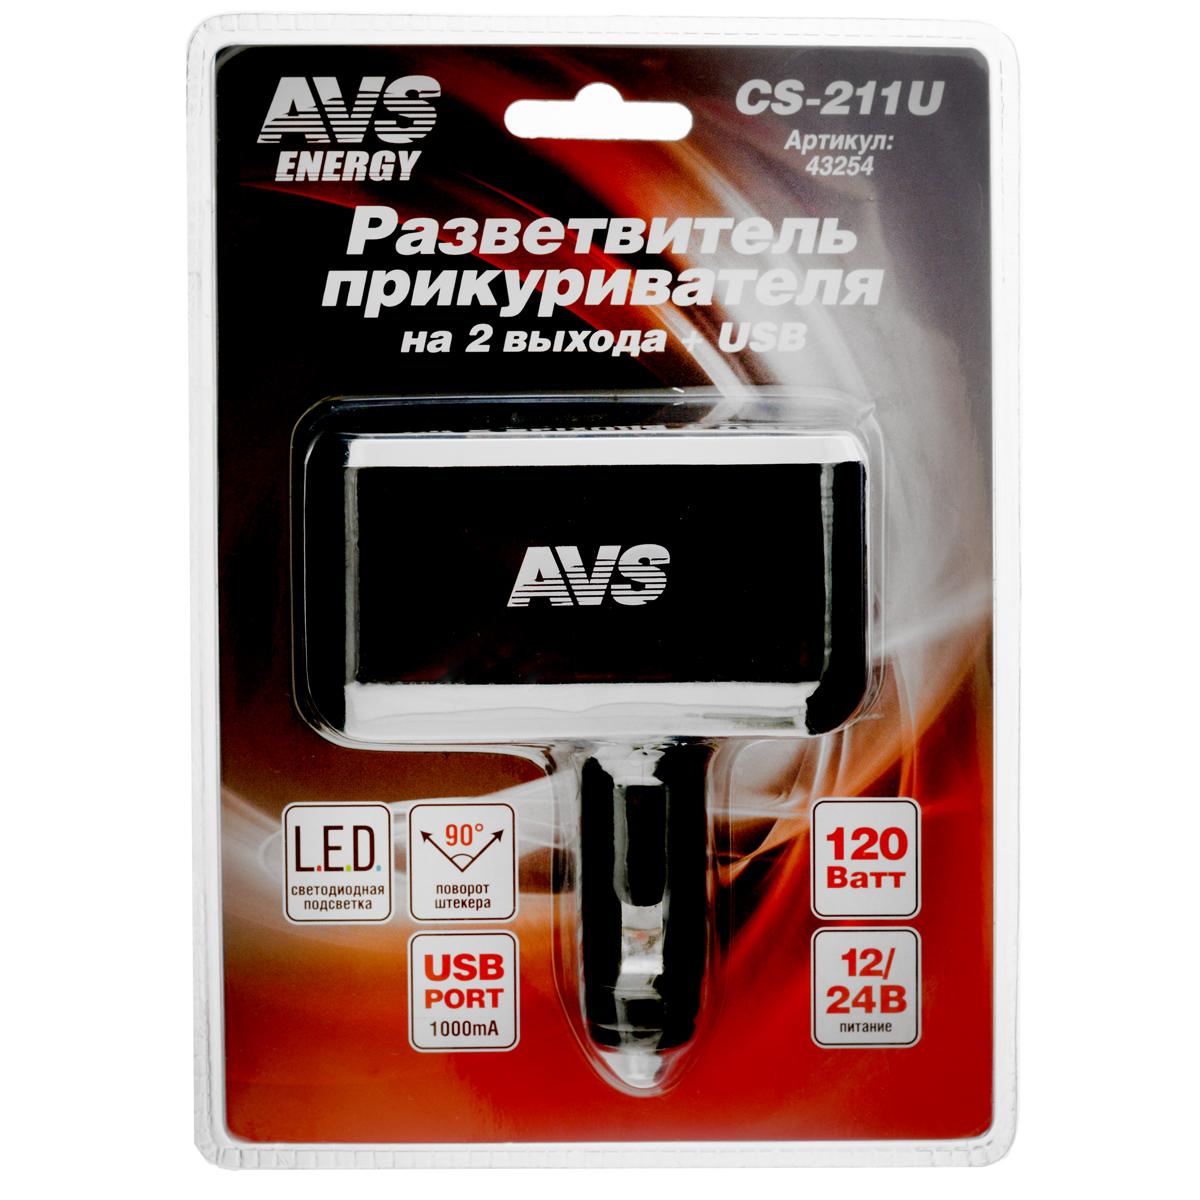 Разветвитель прикуривателя AVS CS211U, со светодиодной подсветкой, 2 выхода + USB, 12/24В43254Разветвитель прикуривателя AVS CS211U увеличивает количество гнезд прикуривателя и рассчитан на подключение нескольких различных электрических приборов, например, автомобильного чайника или термокружки. Выполнен из тугоплавкого пластика. Имеет защиту от короткого замыкания - плавкий предохранитель в корпусе штекера. Это устройство незаменимо при выездах на природу, да и просто в поездках по городу. Имеет 2 гнезда прикуривателя и USB-порт. USB-порт: 1000 мА. Максимальная мощность потребляемых устройств: 120 Вт. Максимальный потребляемый ток подключаемых устройств: 10 А.